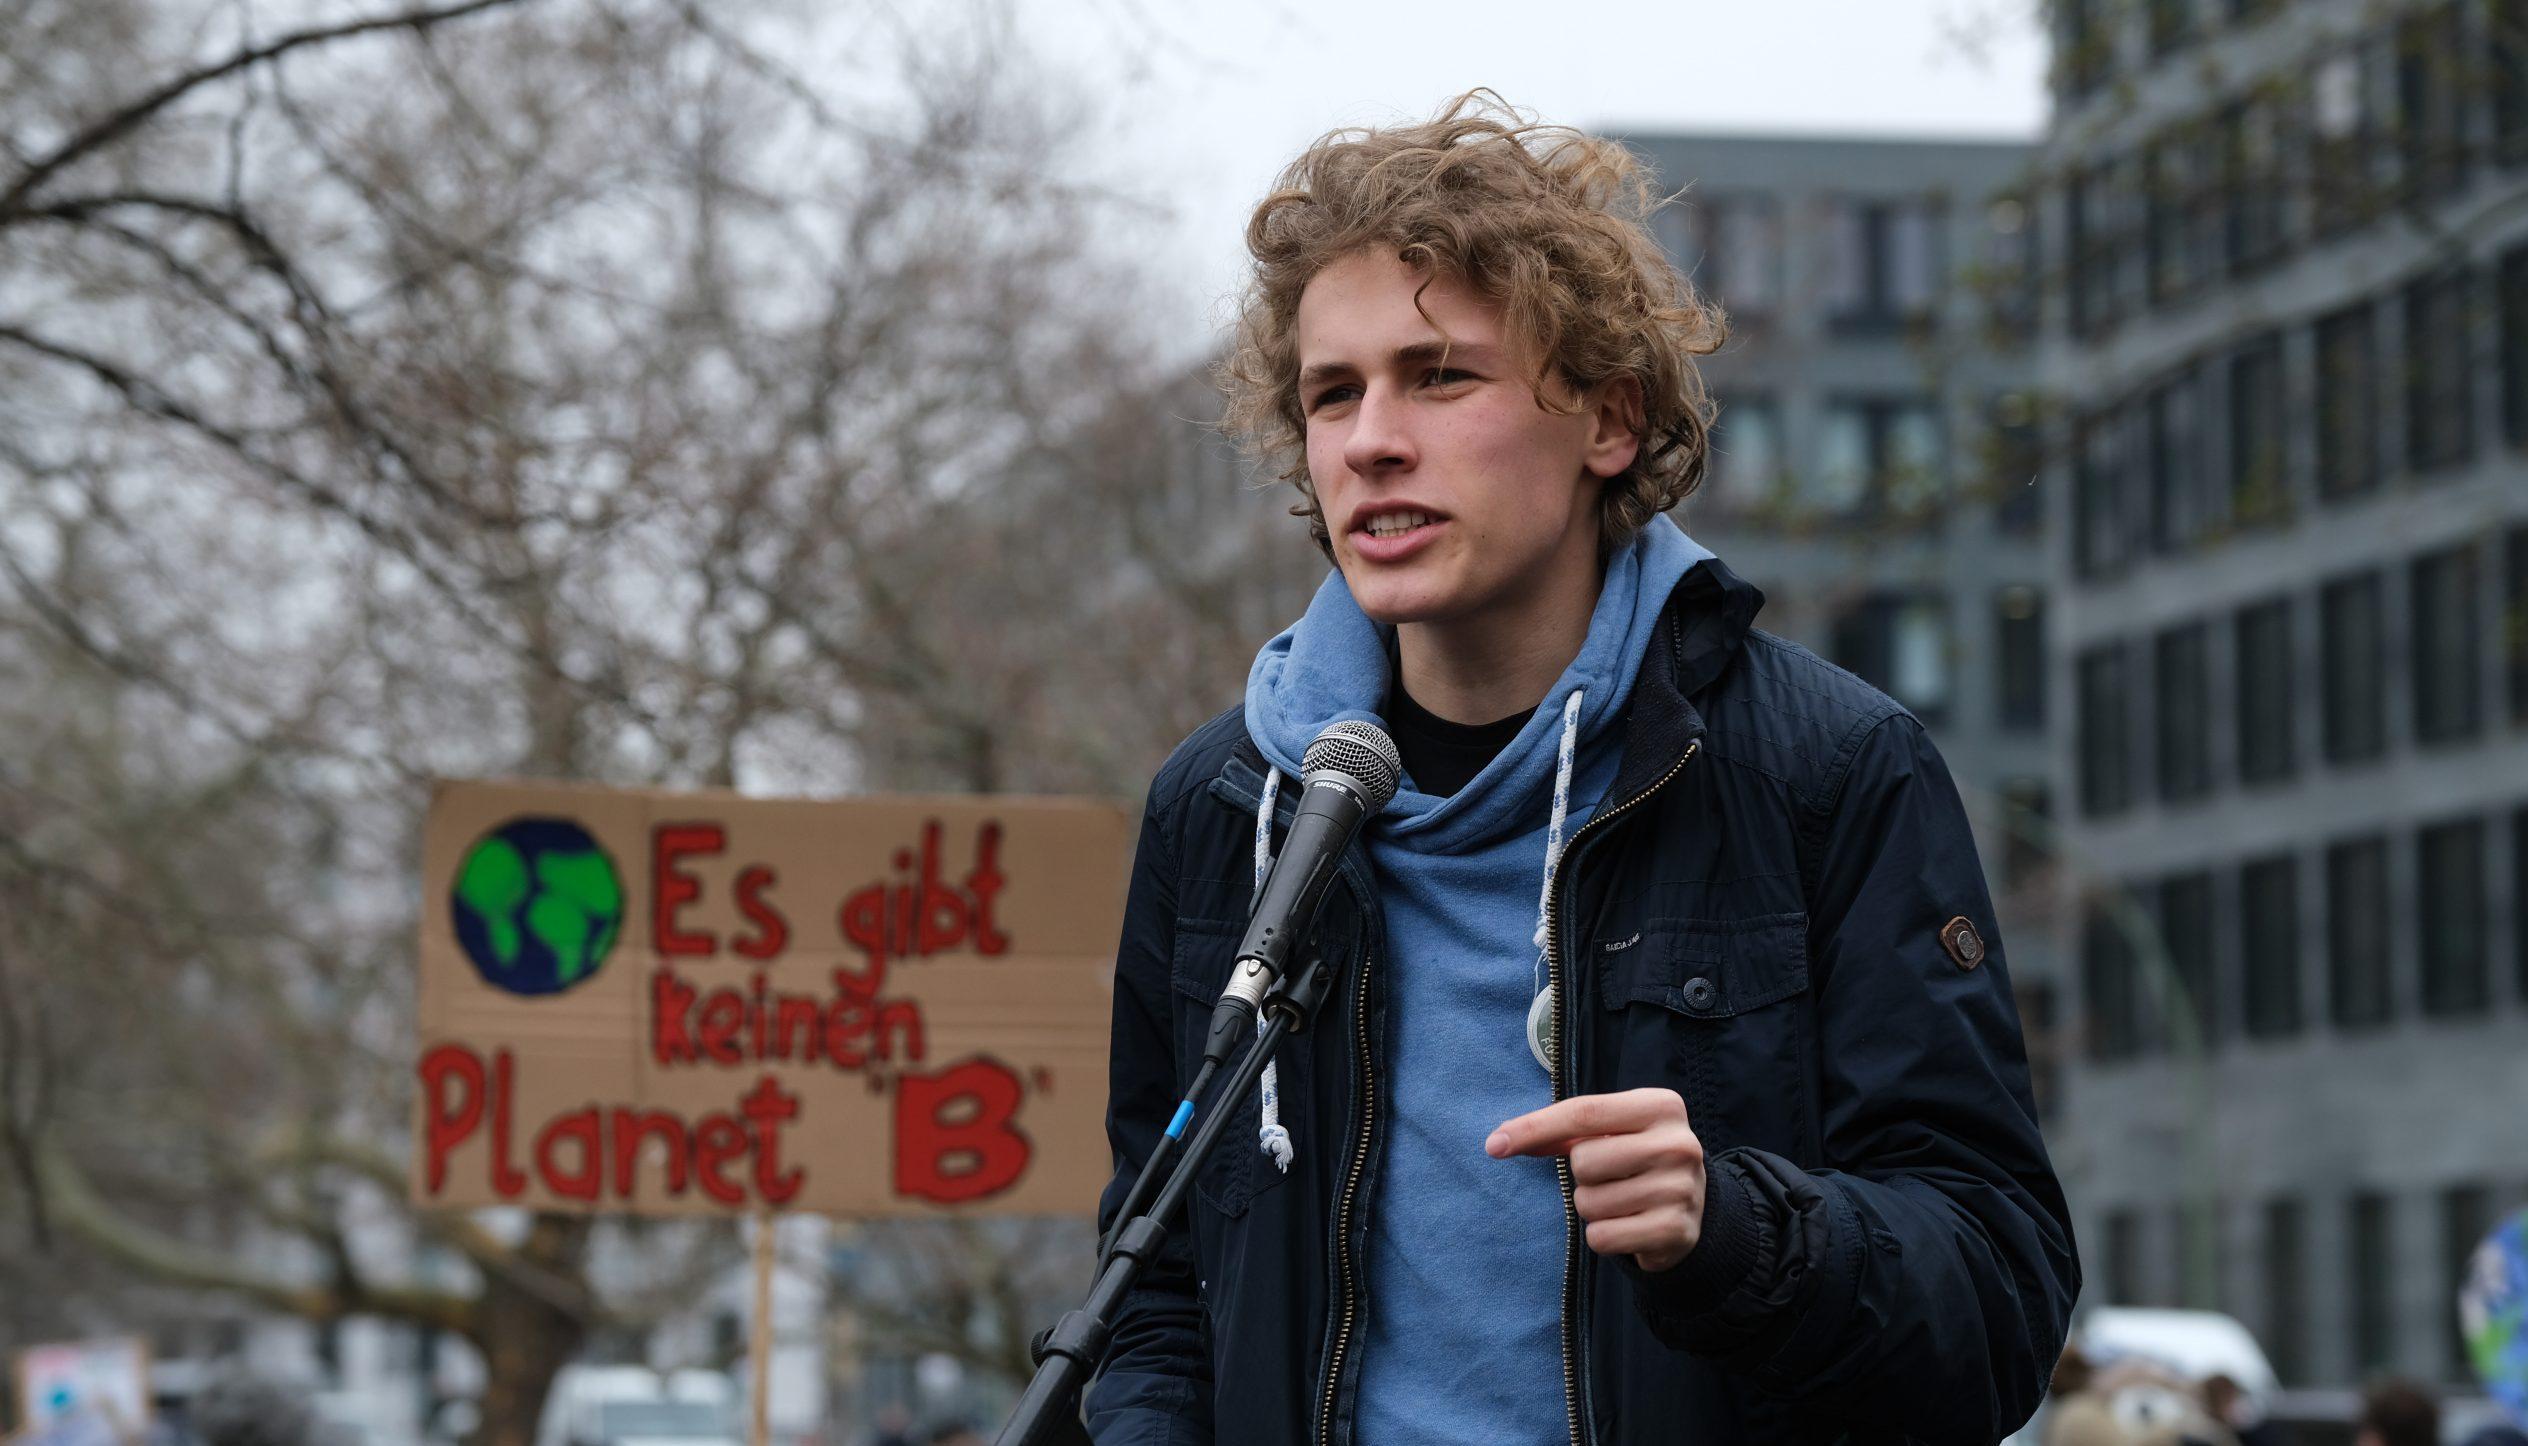 """Klimaaktivist Blasel: """"Die Grünen müssen ihr Programm auf Pariser Klimaabkommen anpassen"""""""